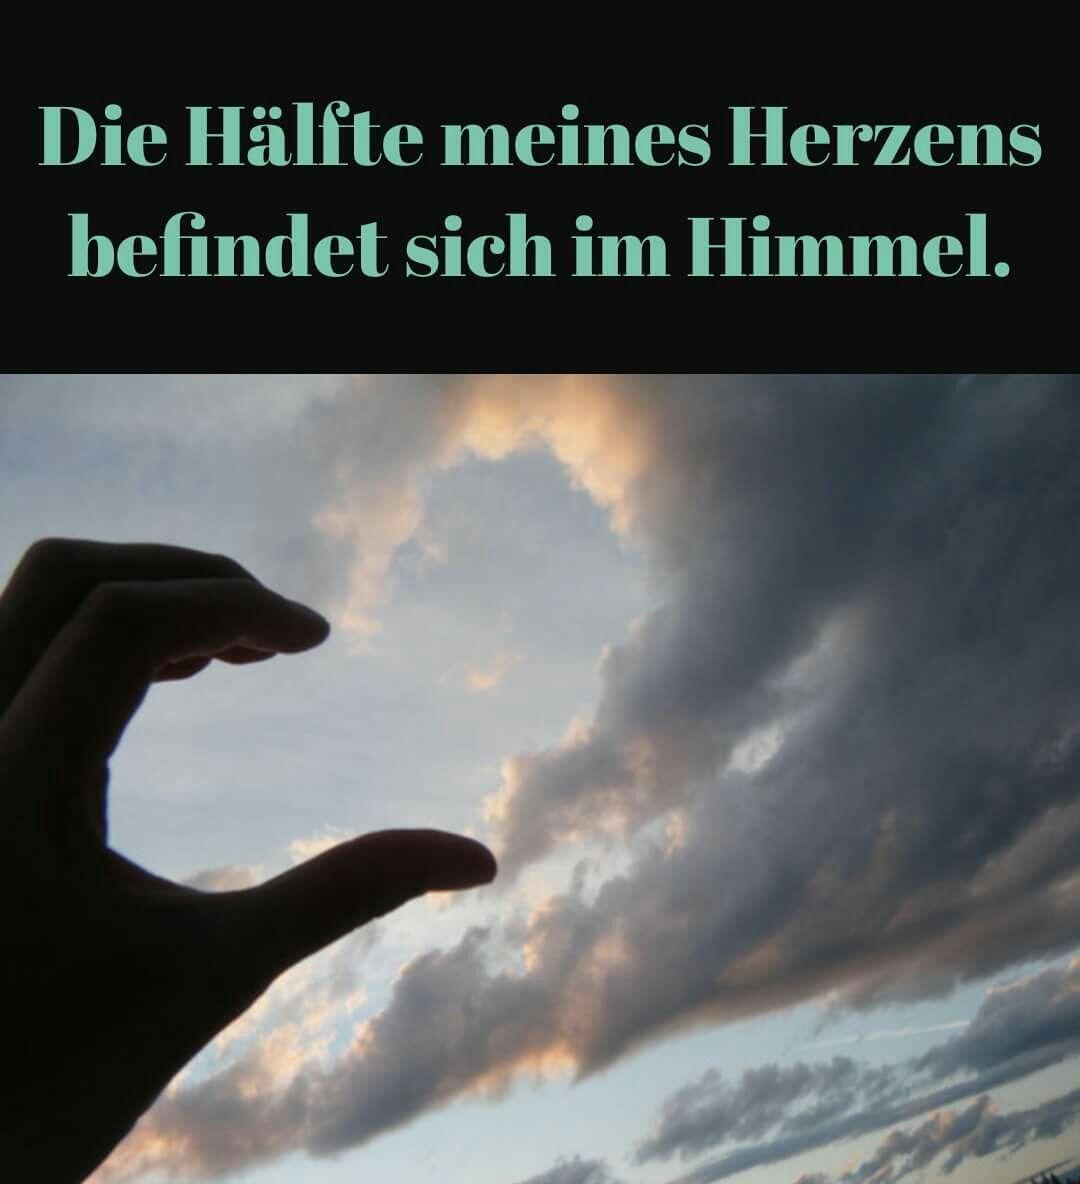 trauersprüche bilder | bnbnews.co